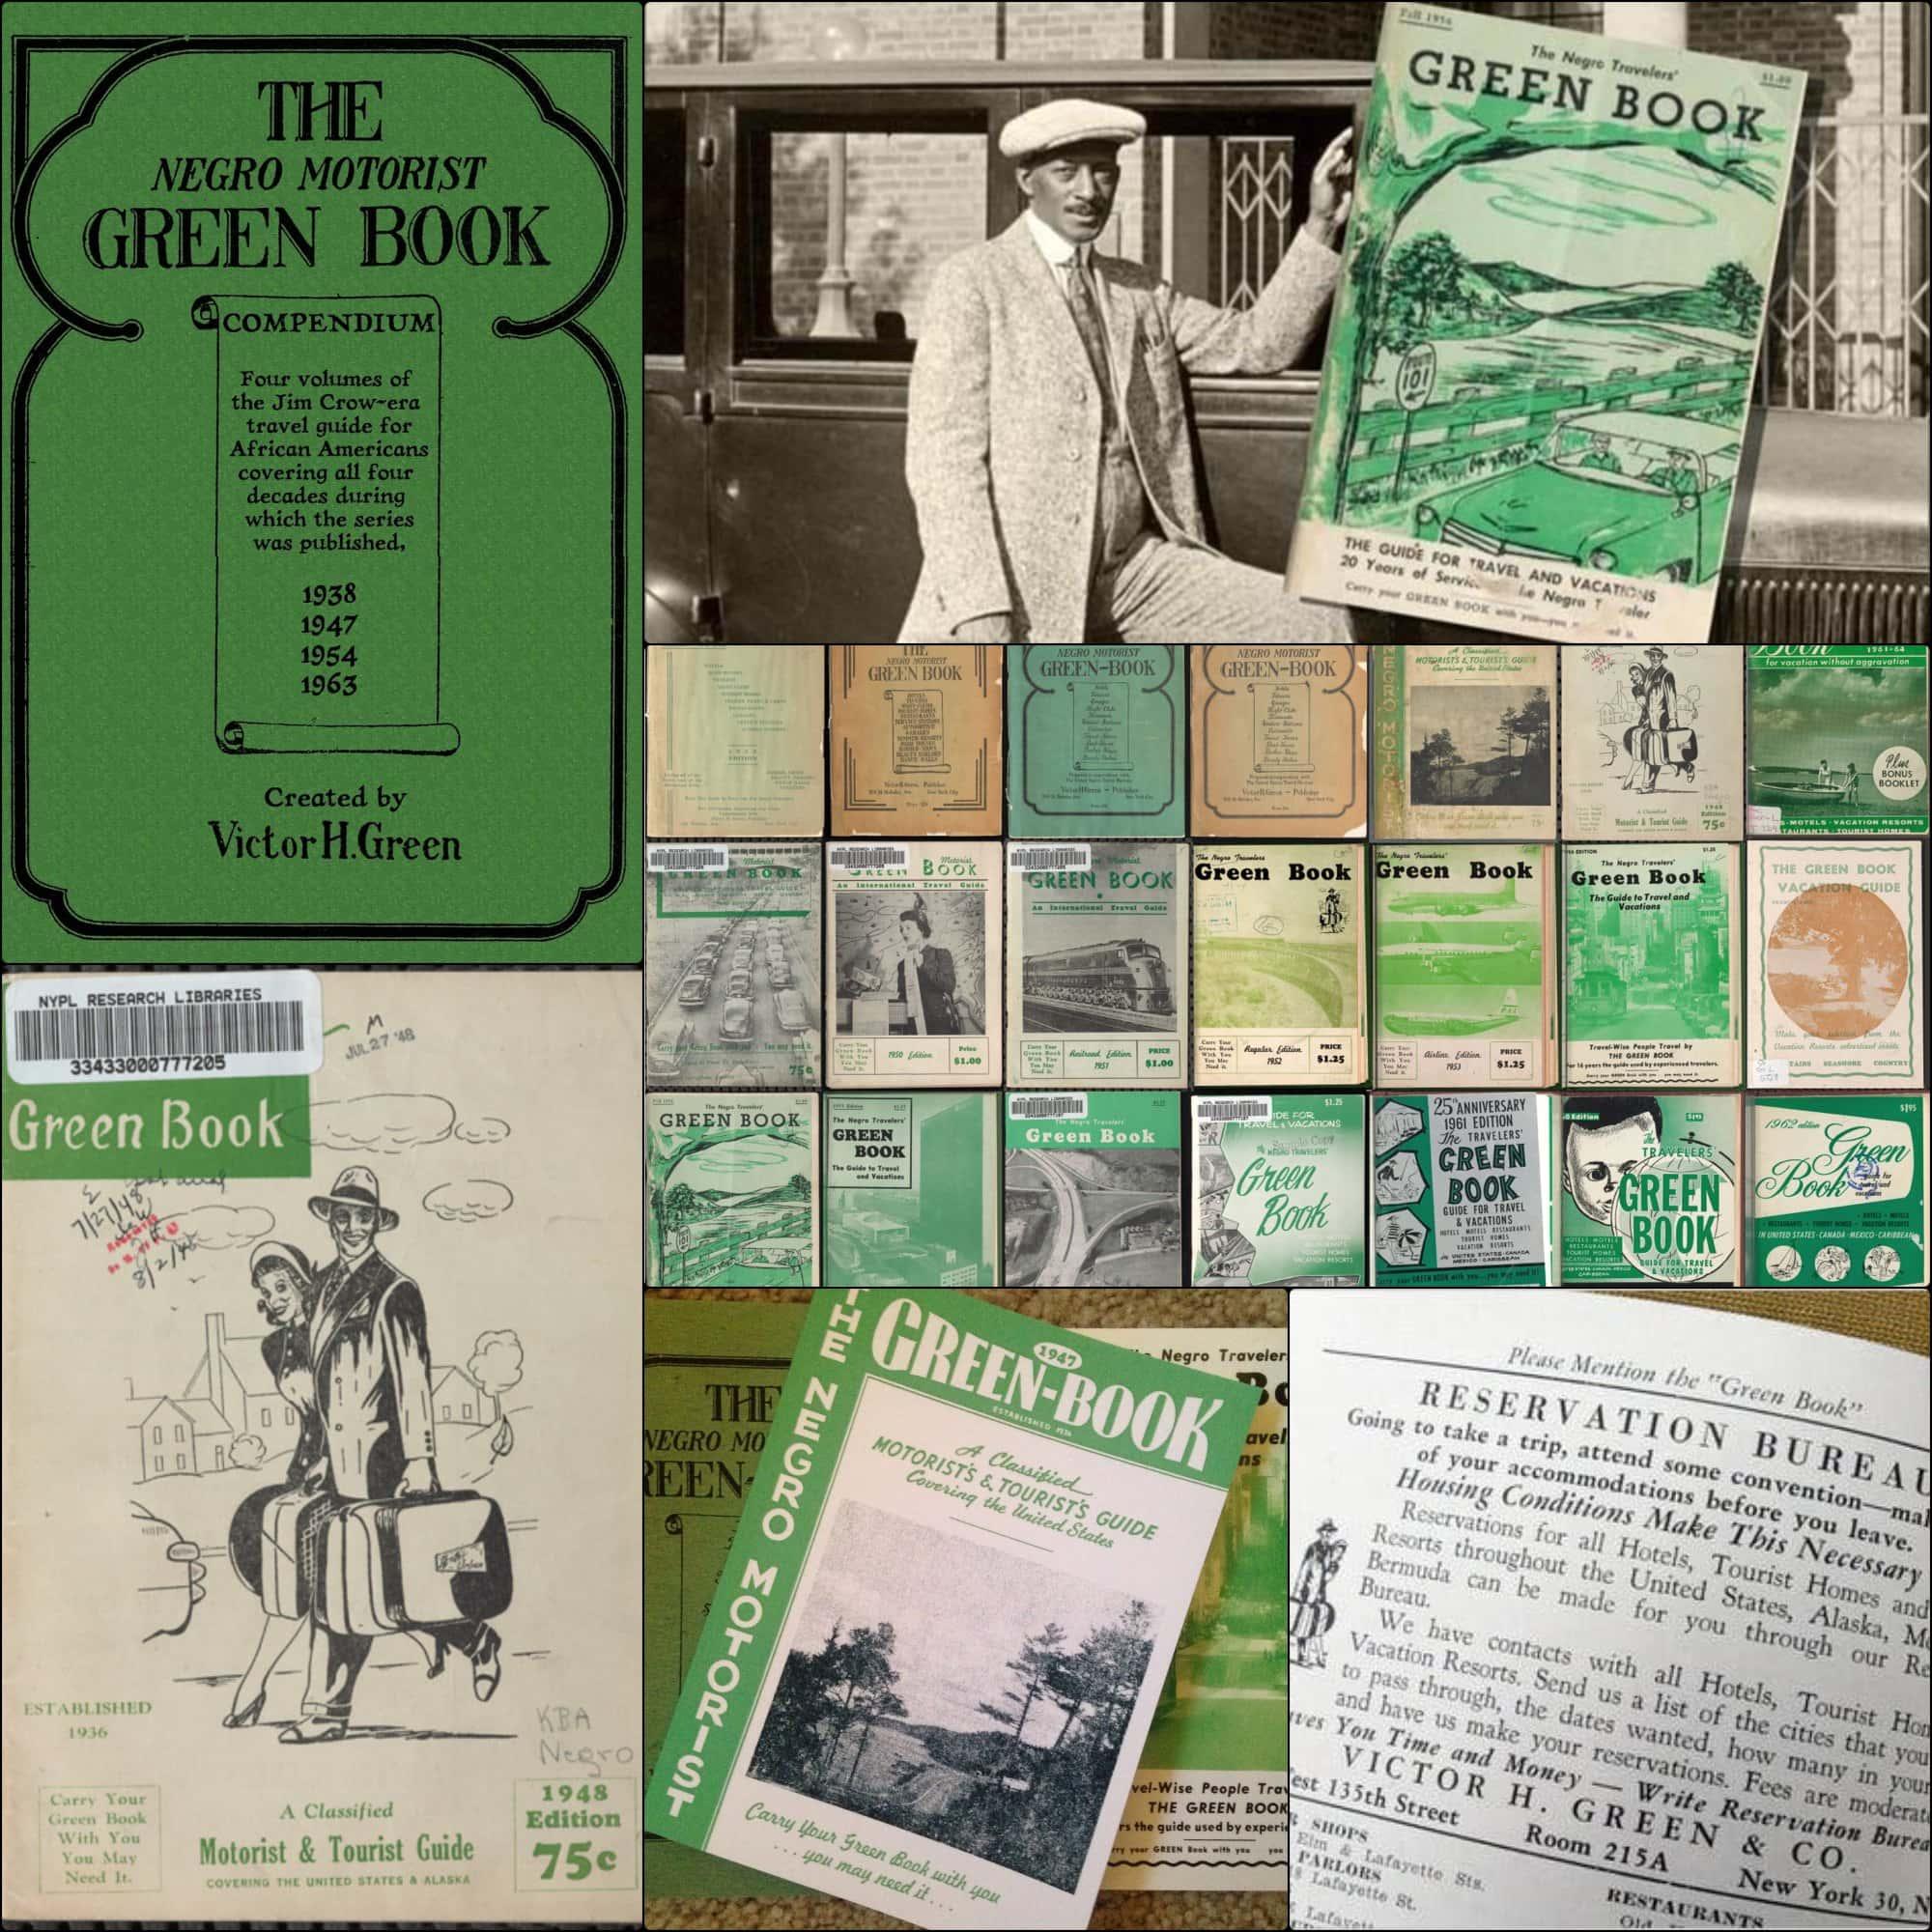 Livro Verde - guia de viagens para afro-americanos por Victor Hugo Green 1936-1966